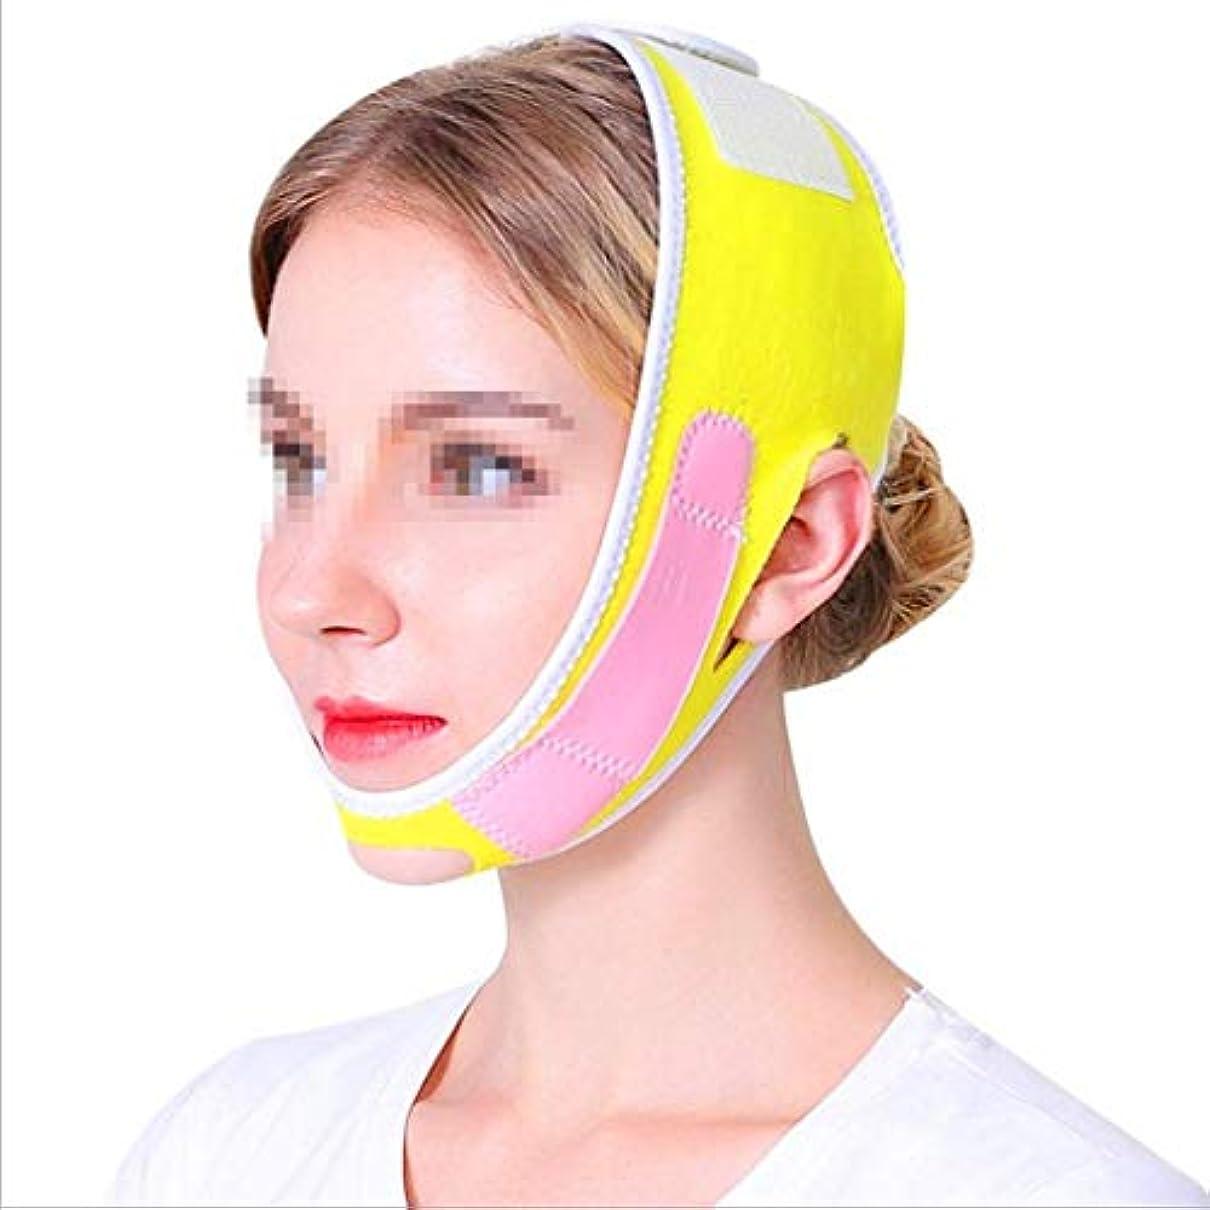 退却世界記録のギネスブックリングレットフェイスリフトマスク、Vフェイスフェイシャルリフティング、およびローラインにしっかりと締め付けます二重あごの美容整形包帯マルチカラーオプション(カラー:イエロー),黄